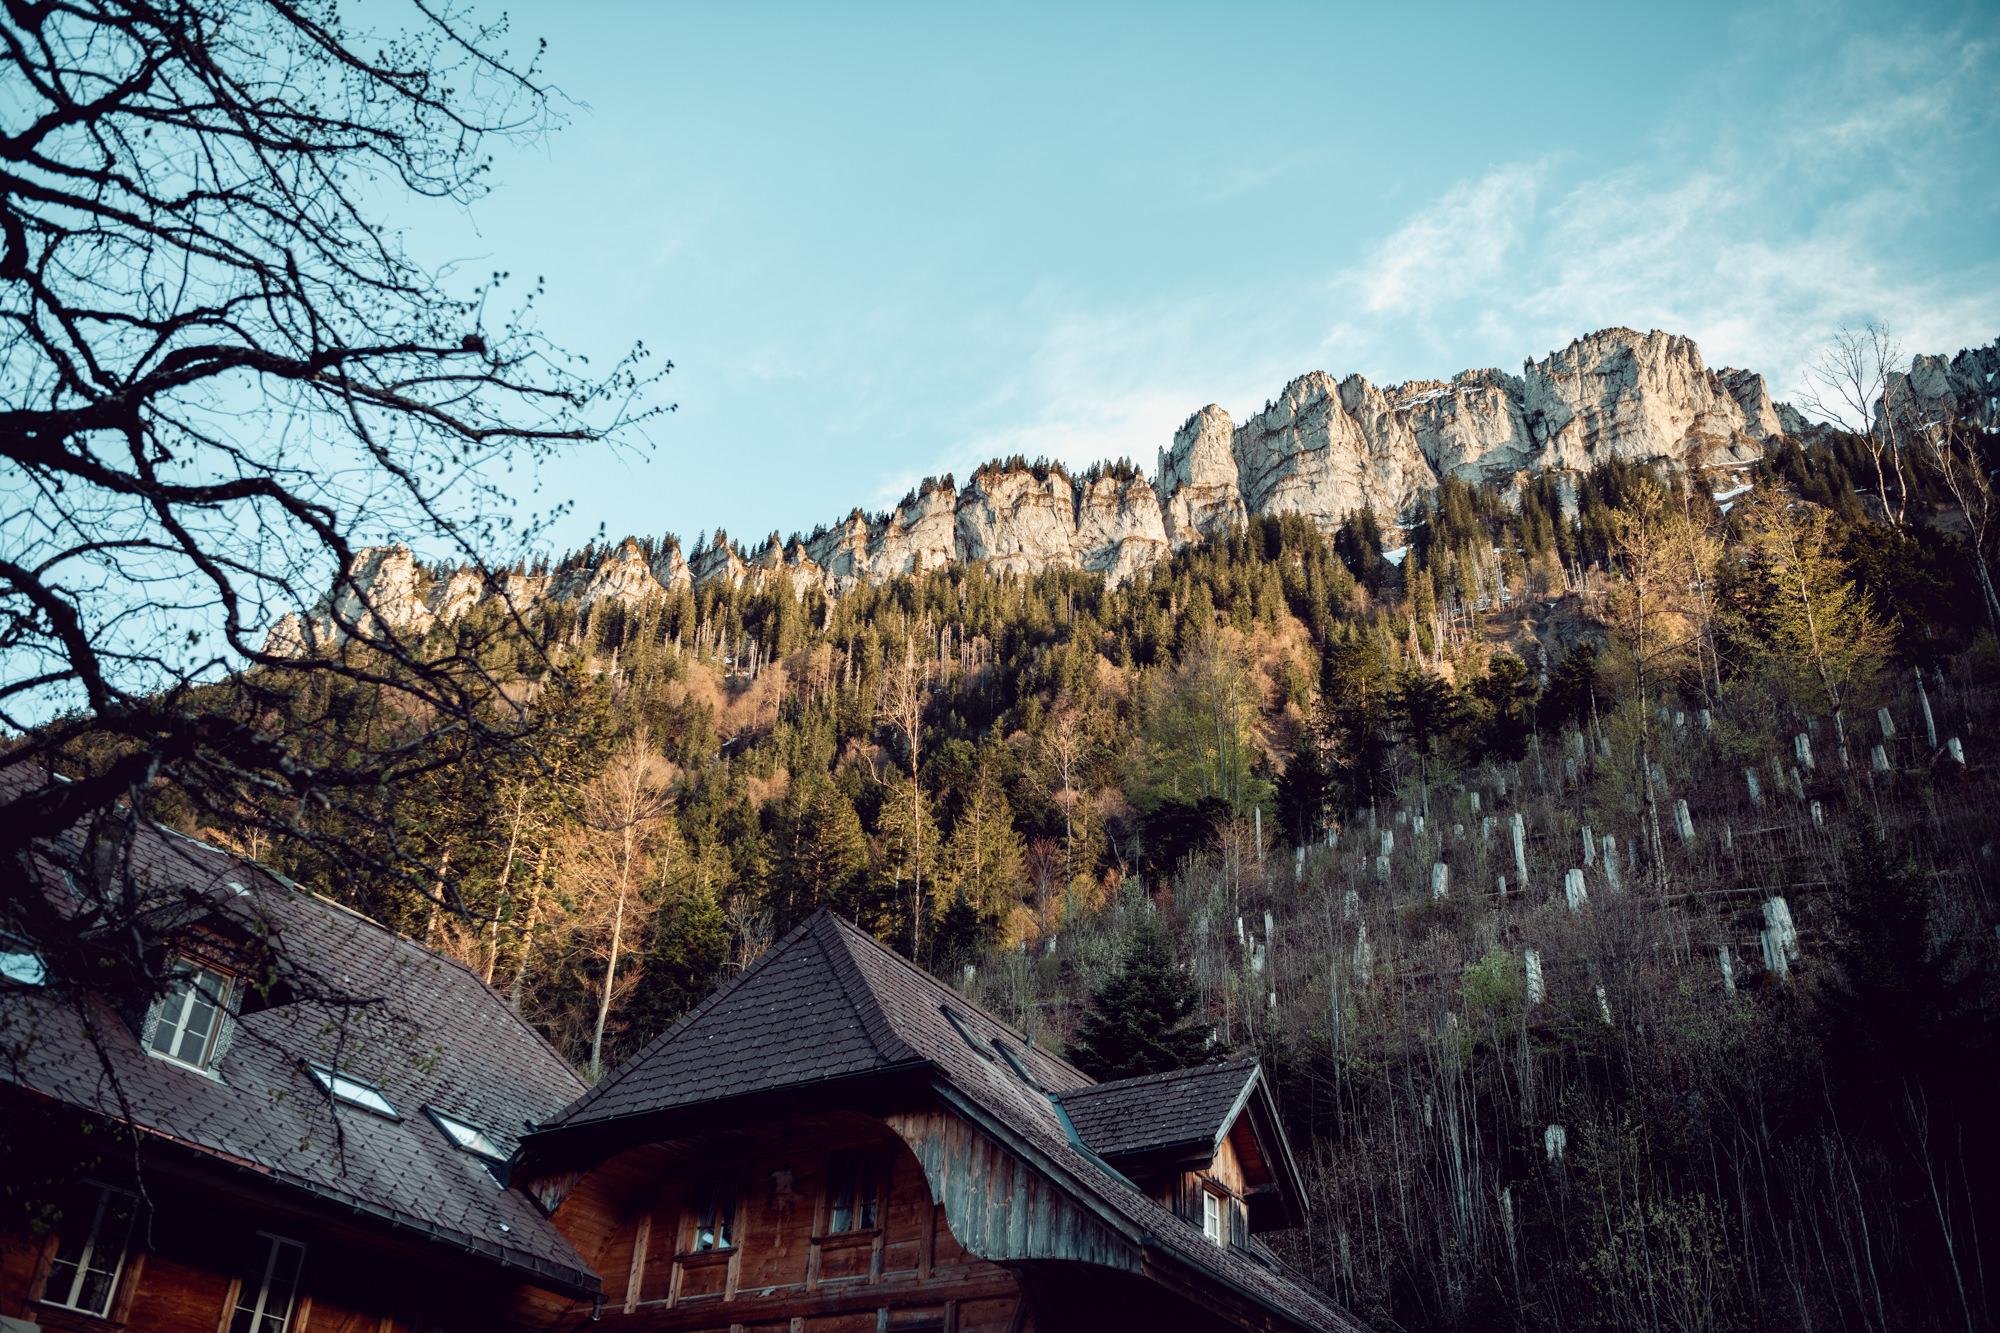 hotellerie_suisse11.jpg